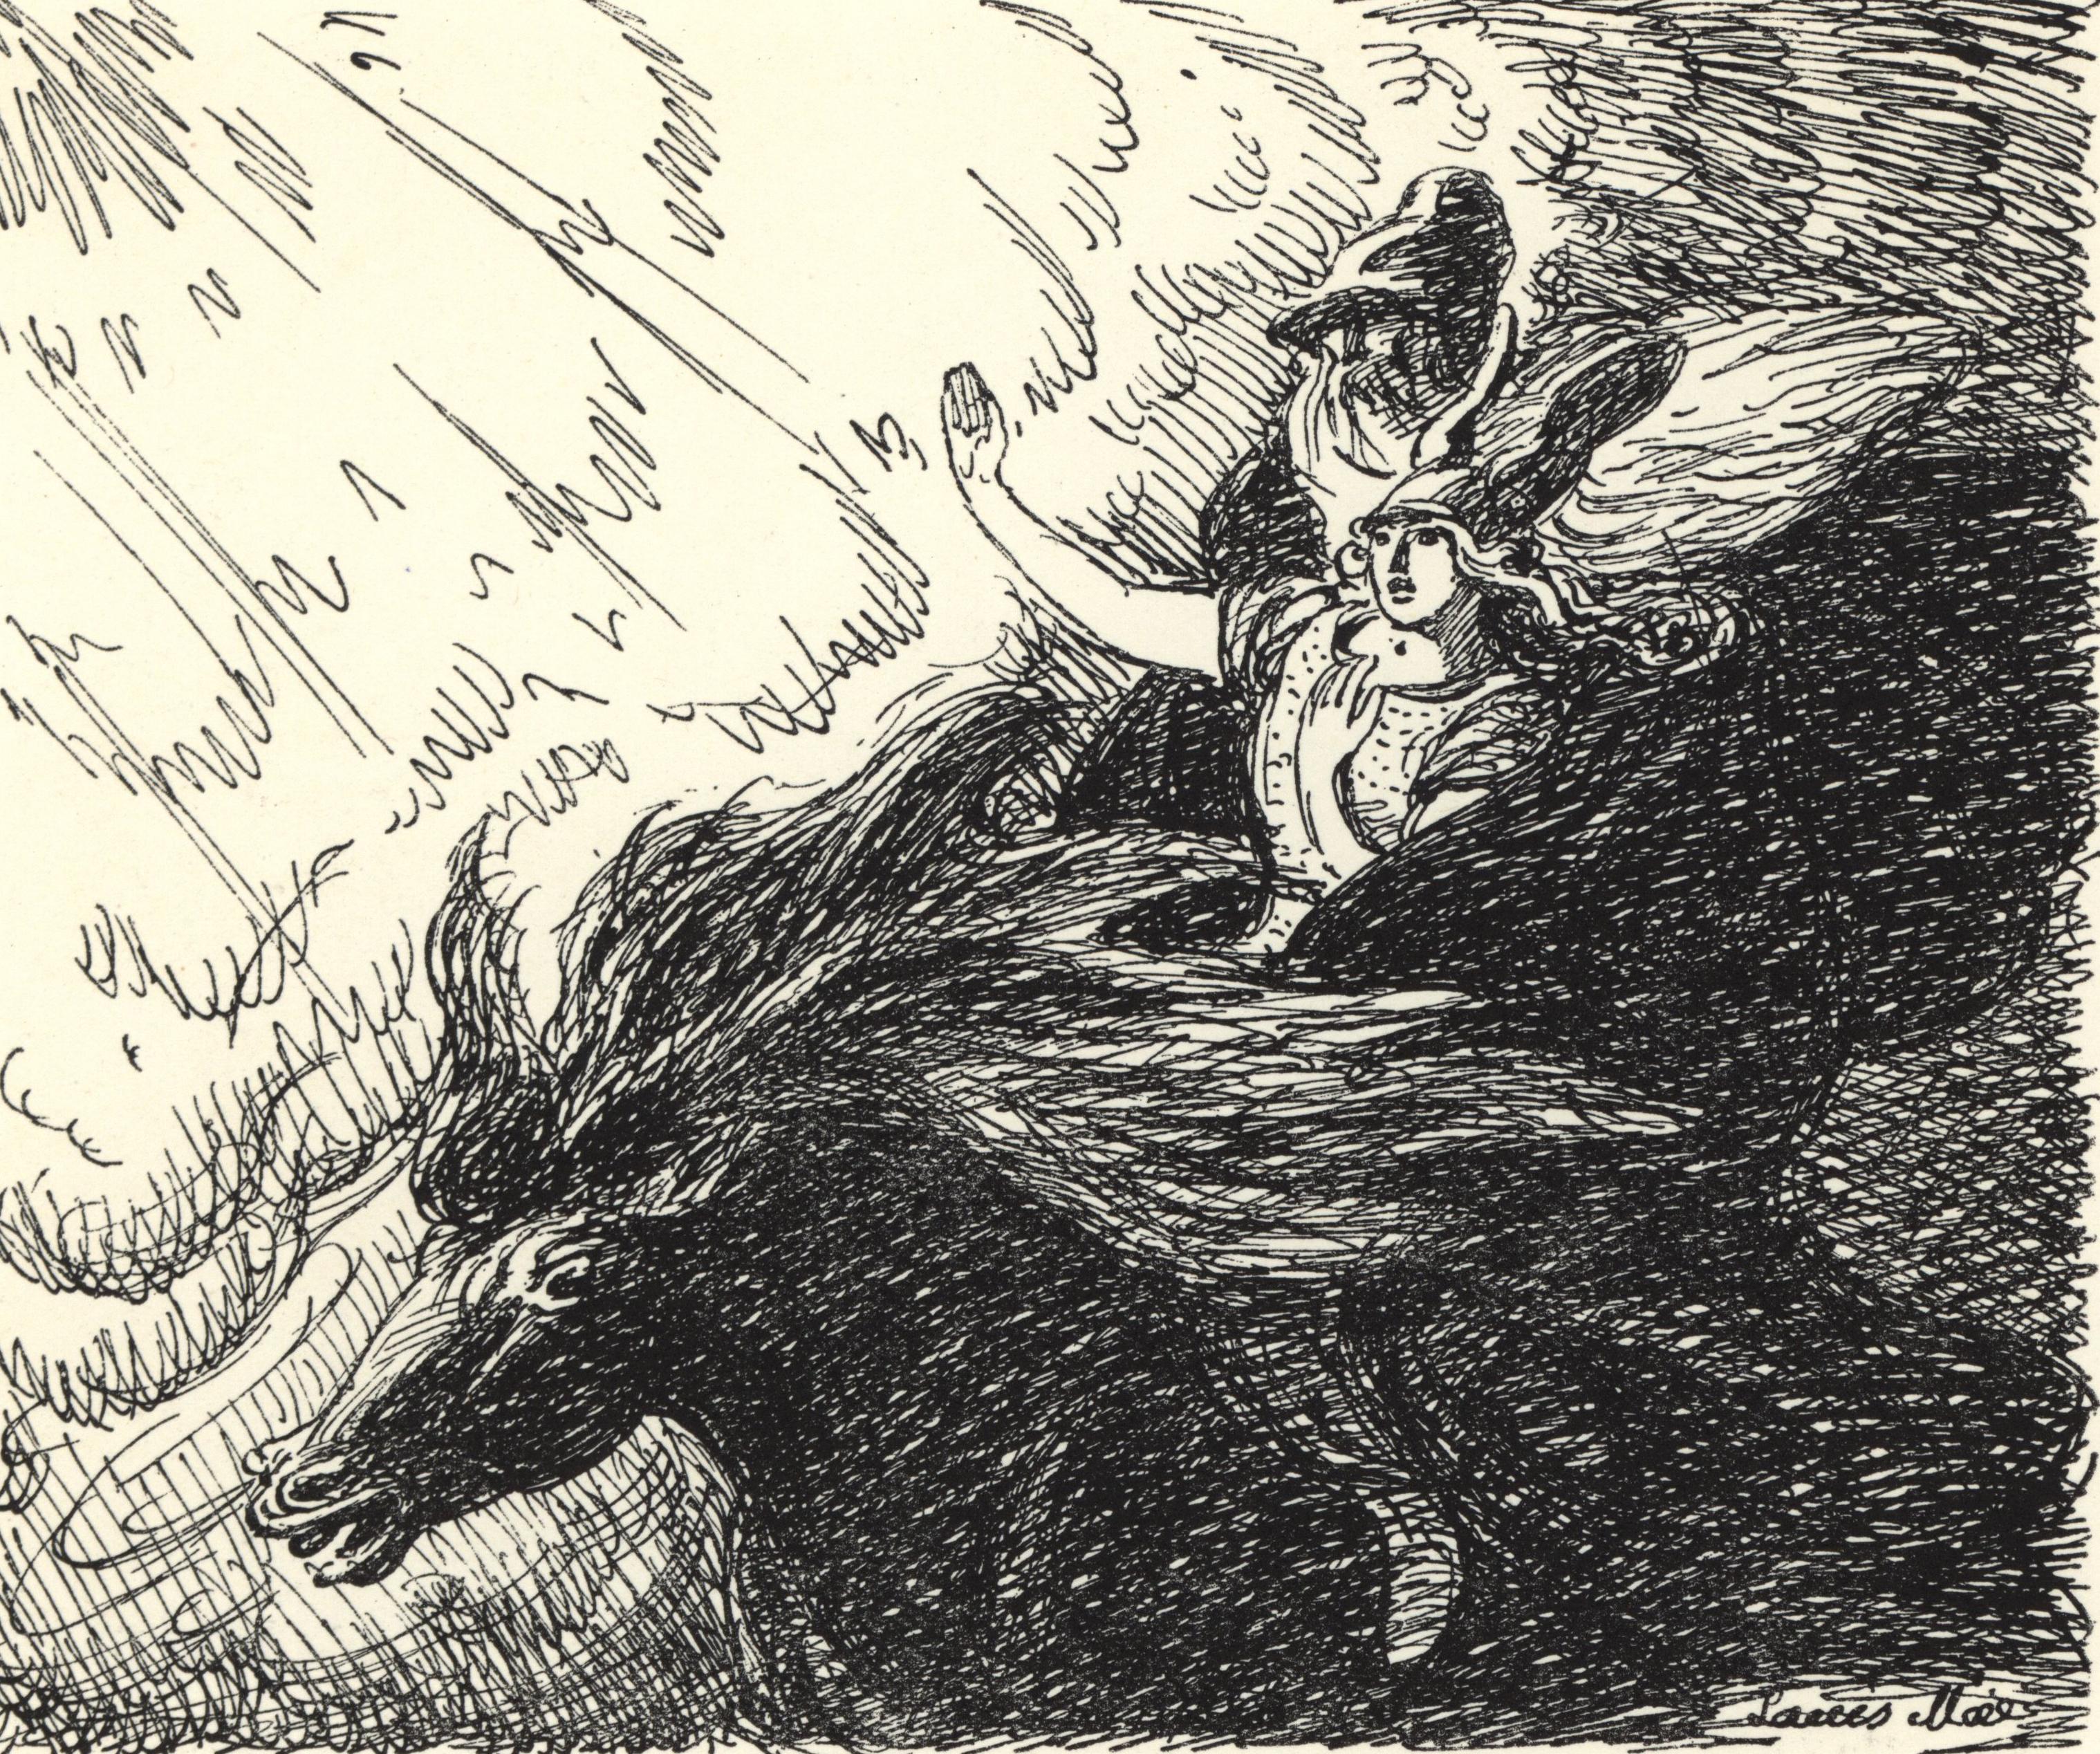 Óðinn Taking Vébjörg to Valhöll